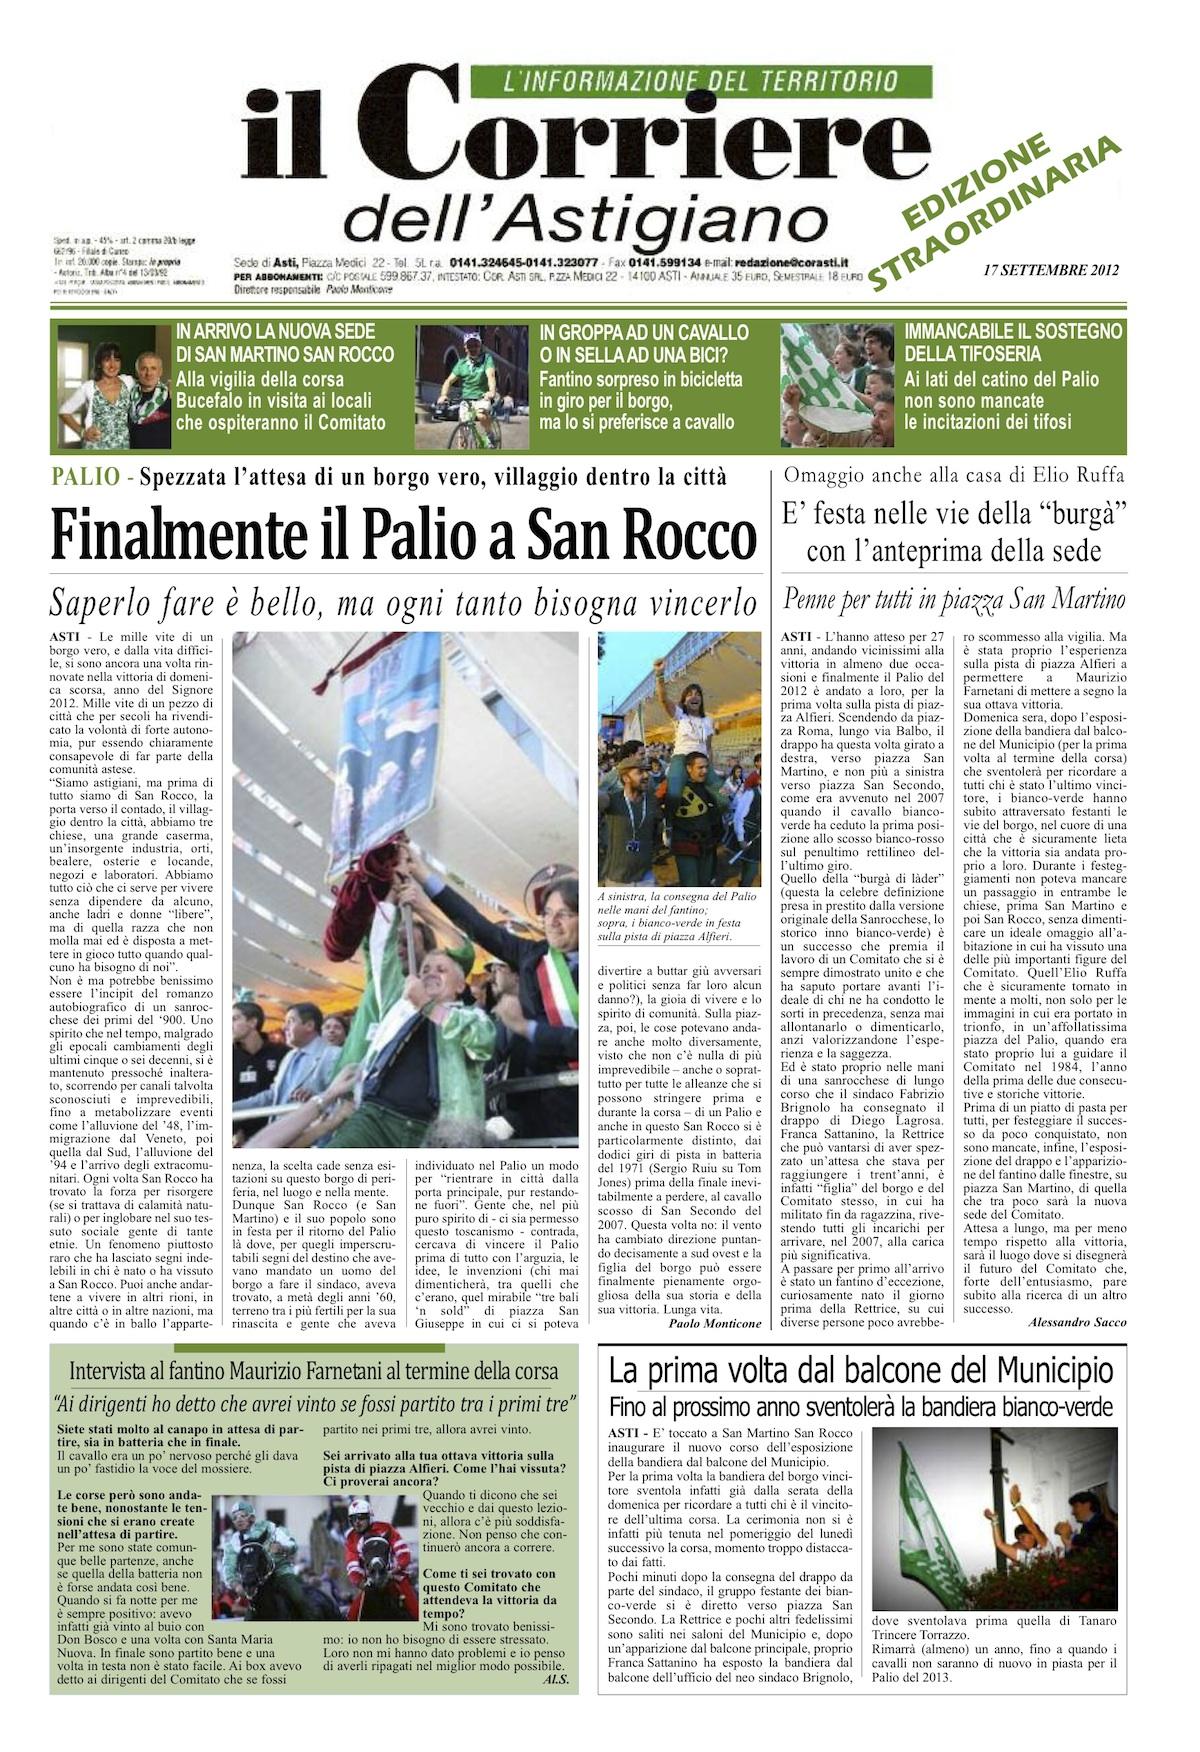 Un'edizione straordinaria della prima pagina del Corriere dell'Astigiano per festeggiare San Martino San Rocco